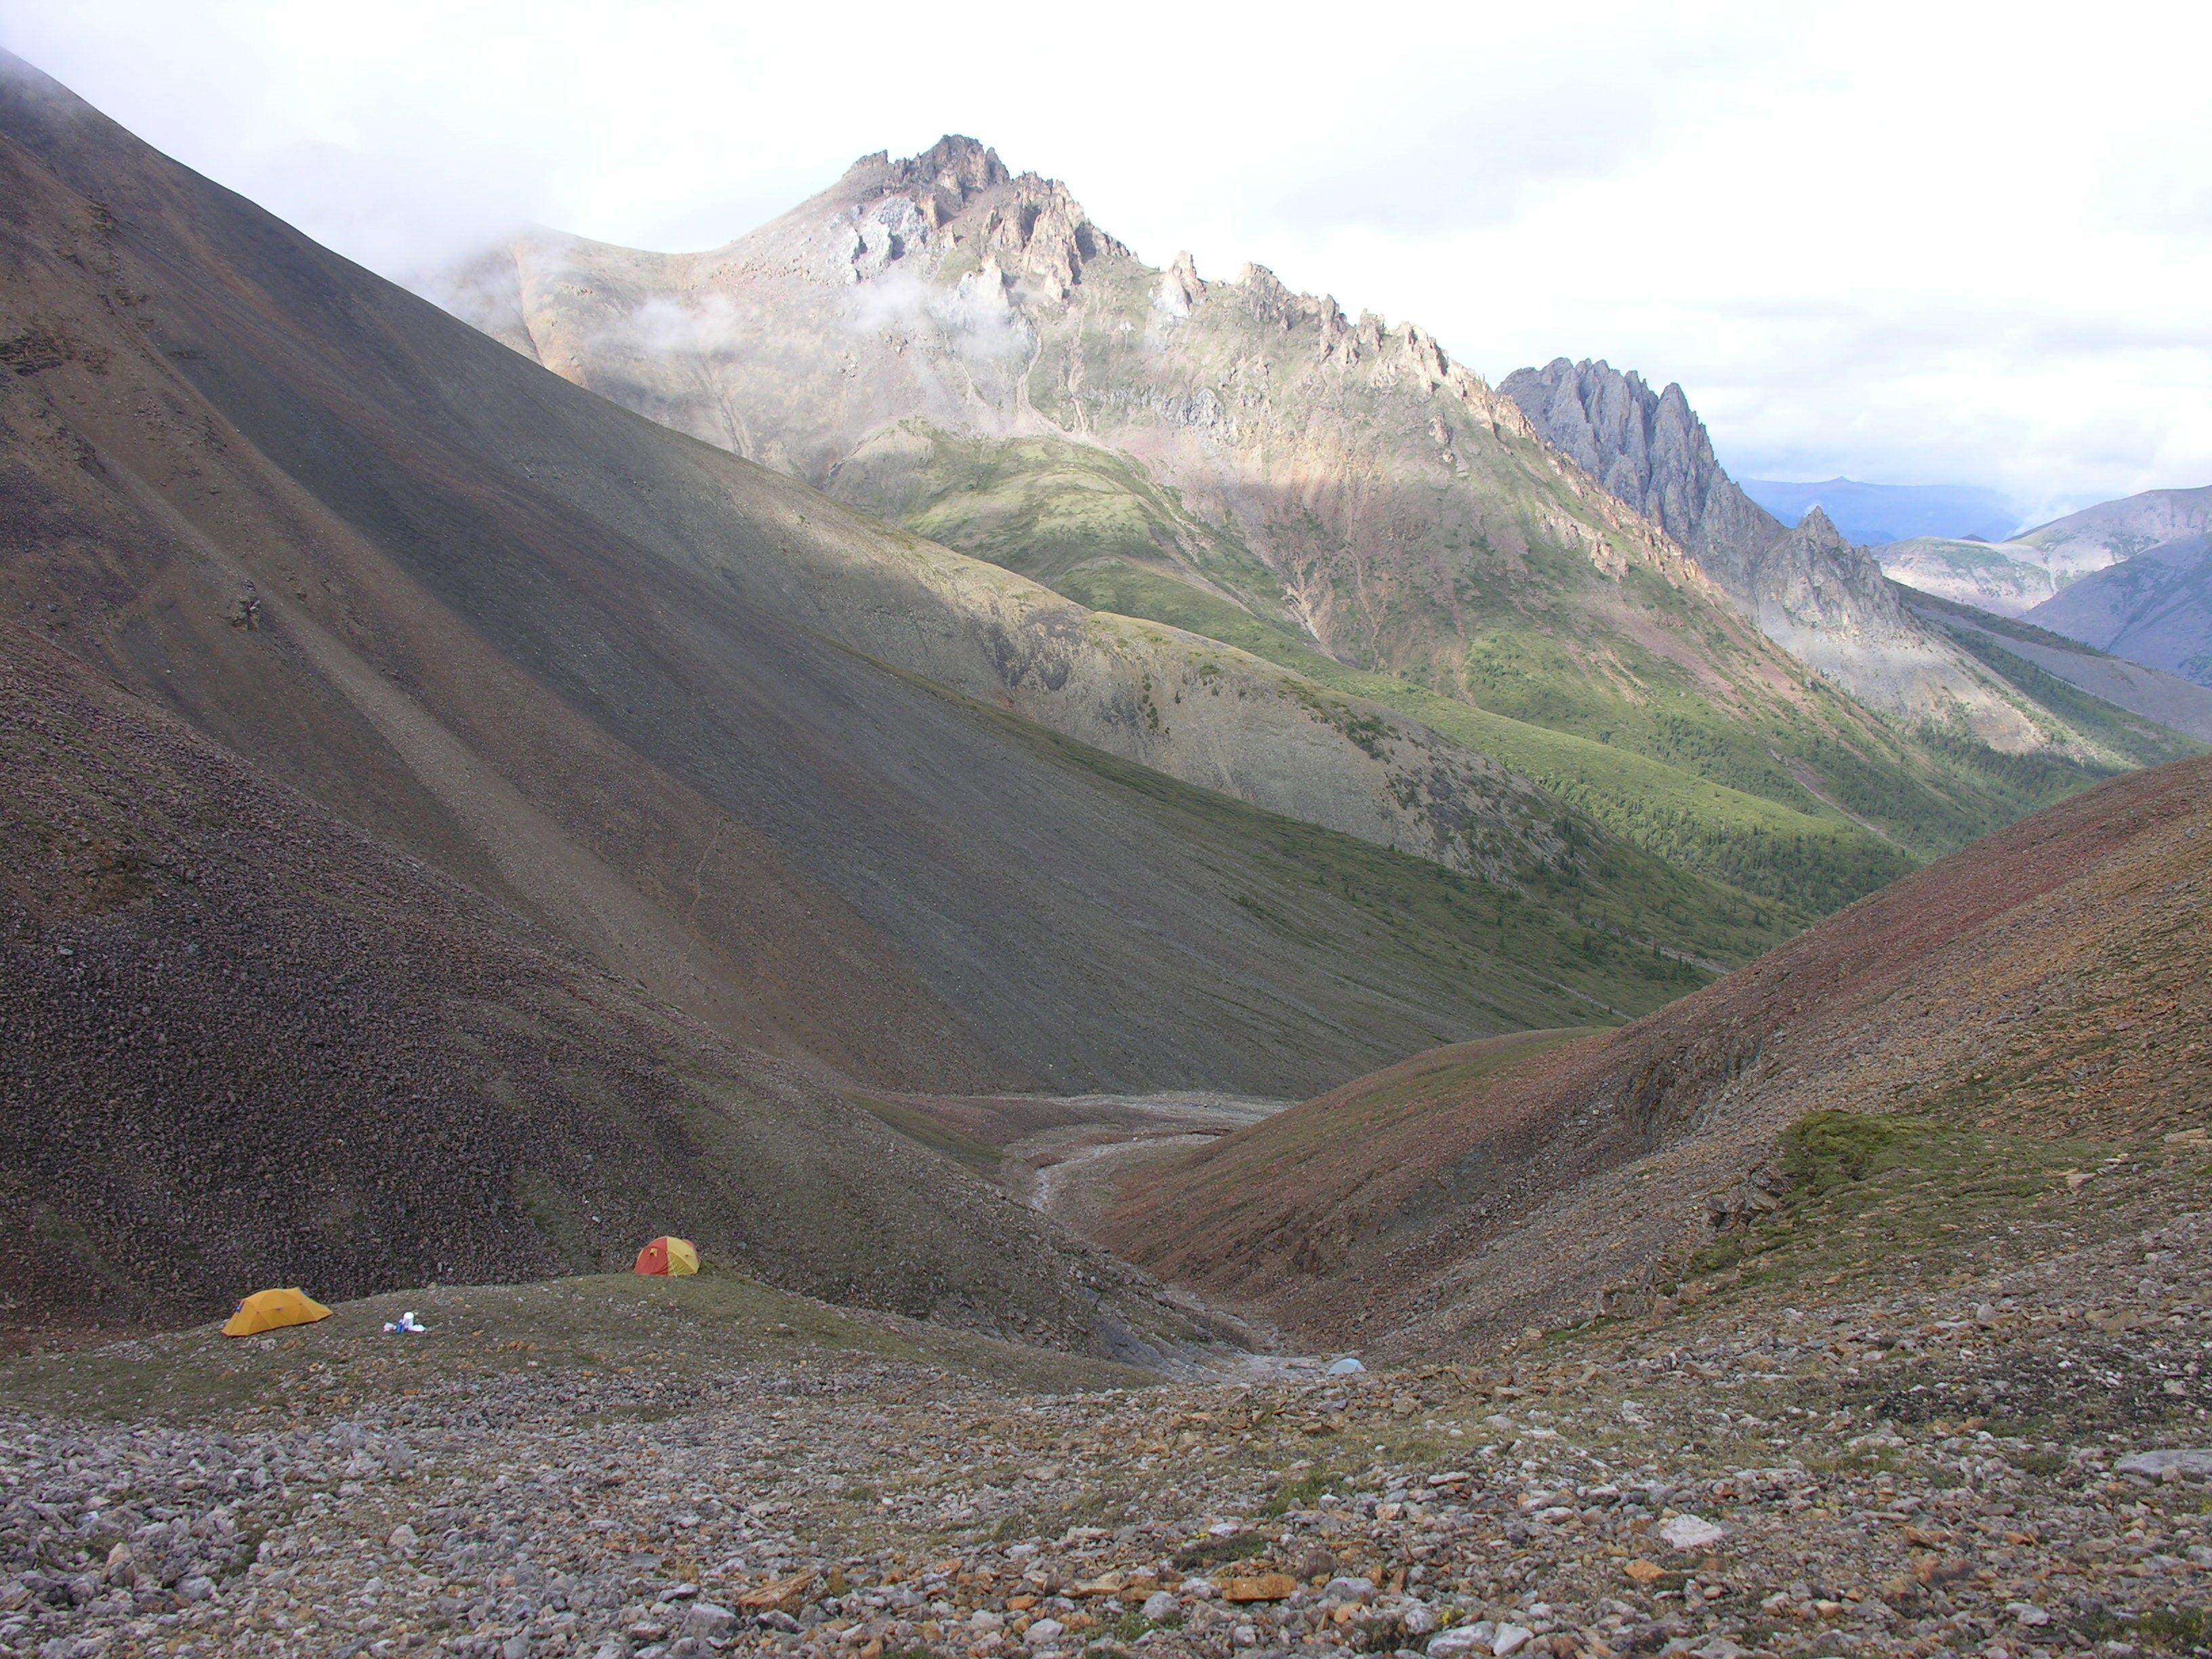 Các vị trí thực địa ở Lãnh thổ Tây Bắc của Canada, nơi có các hóa thạch đại diện cho đời sống động vật sớm nhất được biết đến?  bọt biển sống cách đây khoảng 890 triệu năm được tìm thấy ở địa hình đồi núi được nhìn thấy trong hình ảnh phát tay không ghi ngày tháng này.  Elizabeth Turner / Đại học Laurentian / Tài liệu phát qua REUTERS